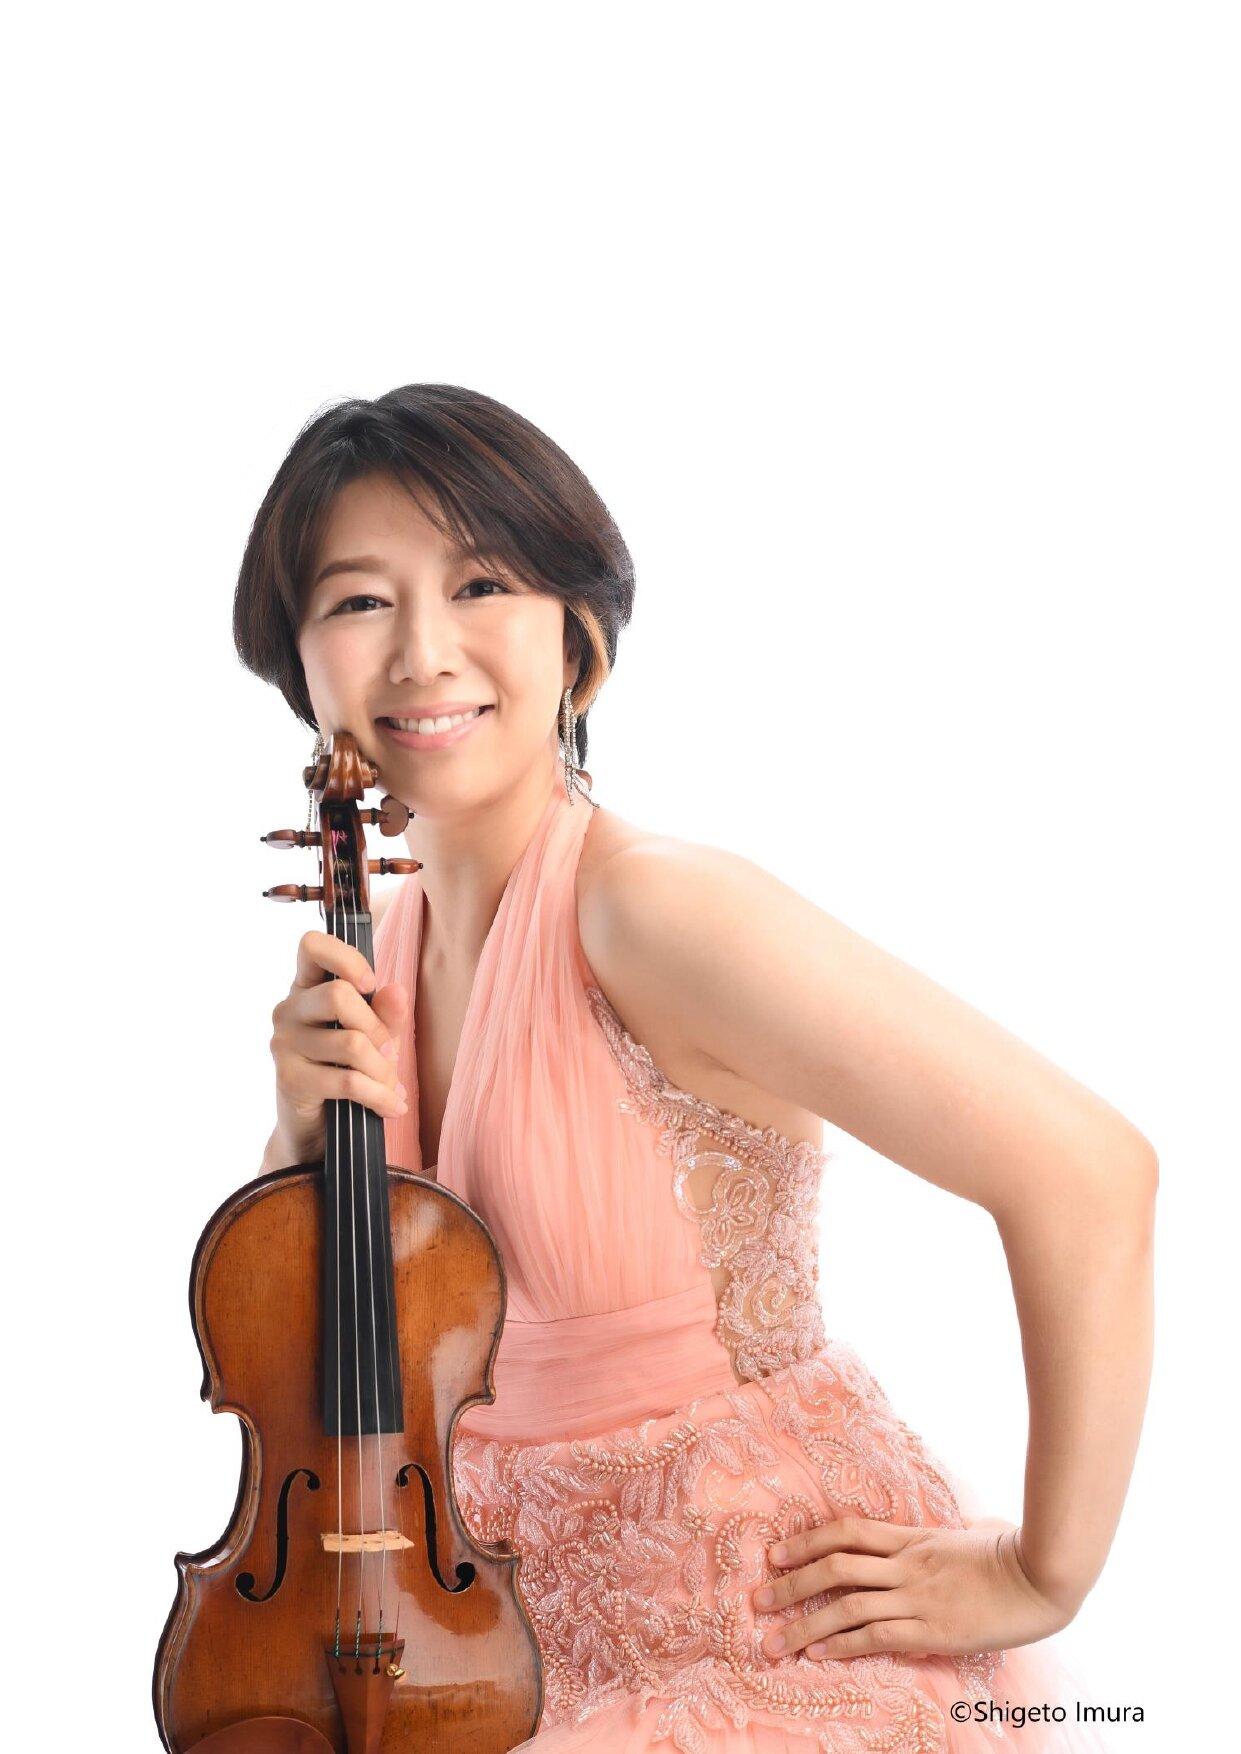 きっず・meet・みゅーじっく vol.3松田理奈 ヴァイオリンコンサート のイメージ